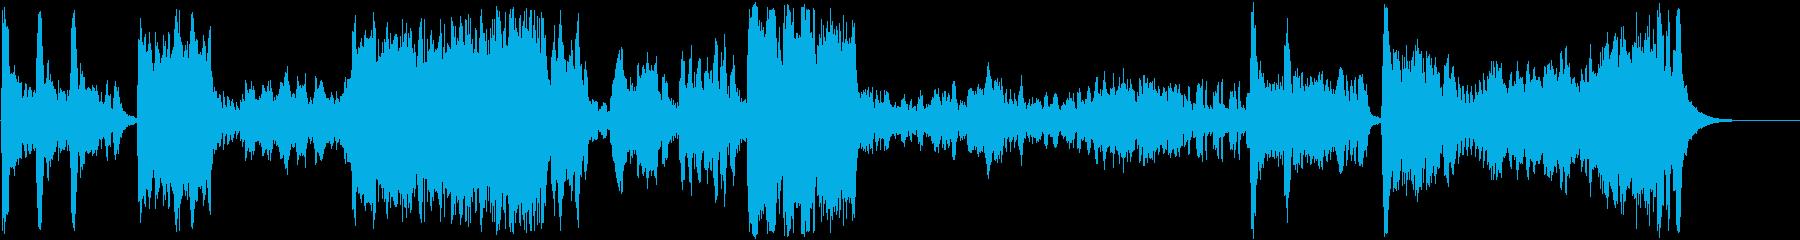 バイオリン協奏曲第3番第1楽章の再生済みの波形